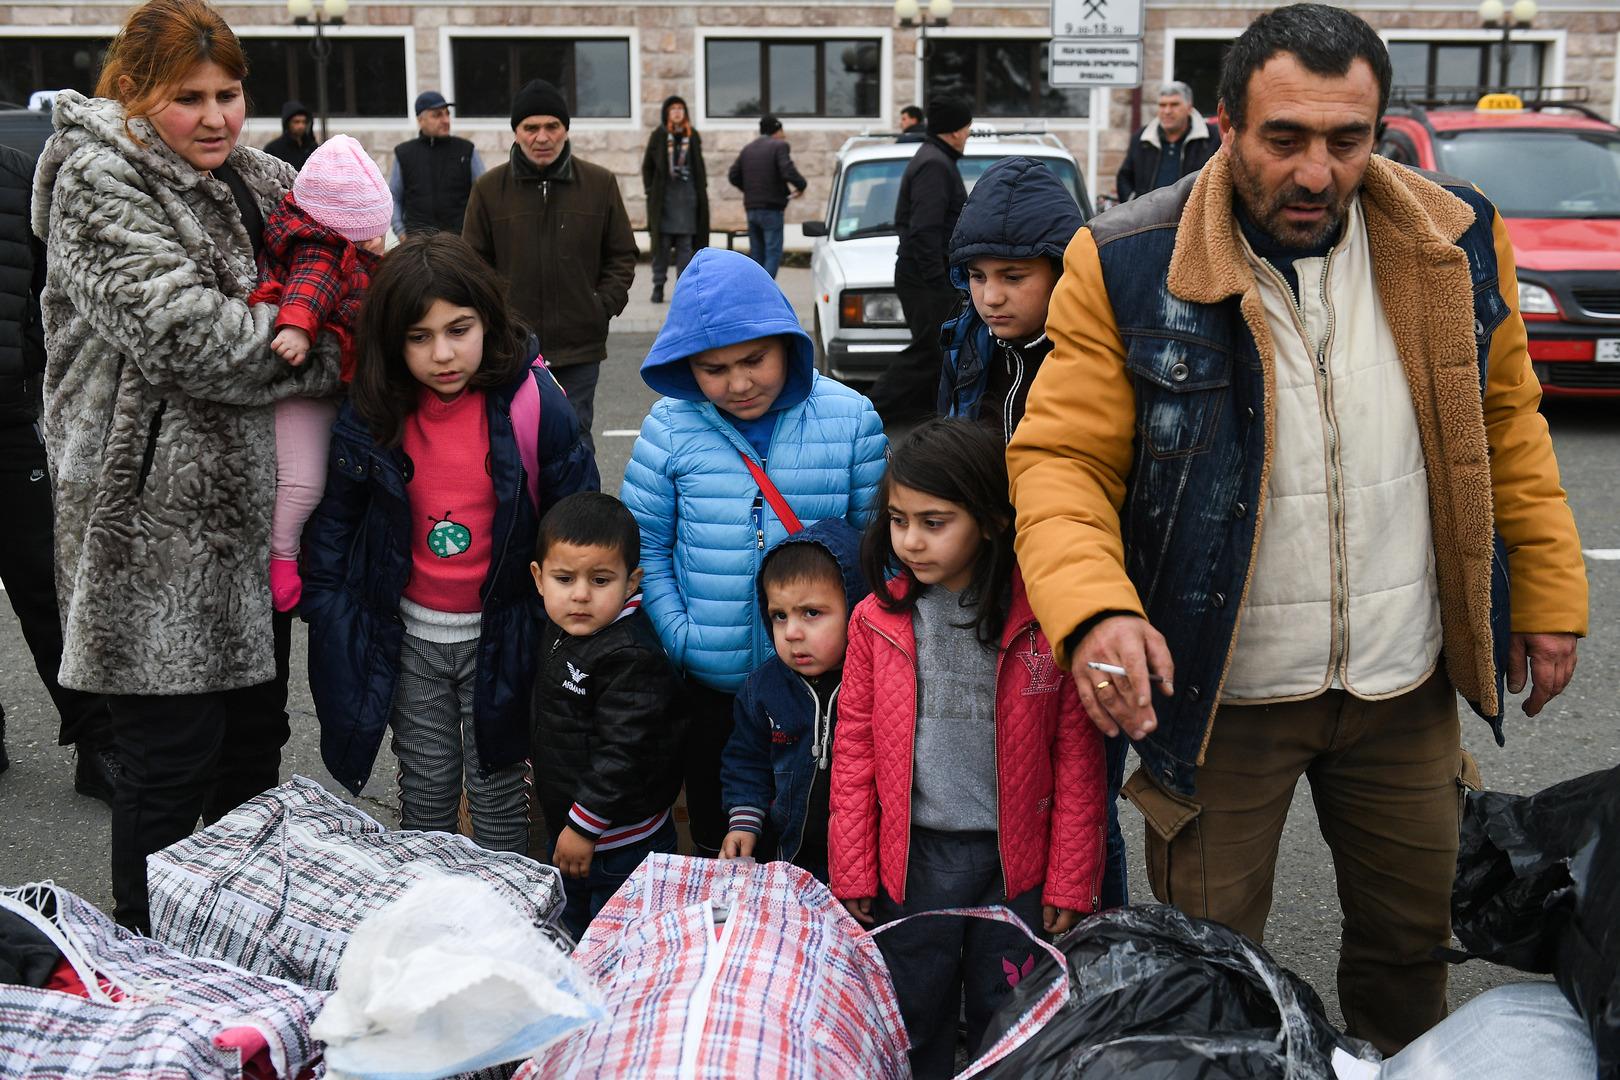 لاجئون عادوا إلى مدينة ستيباناكيرت في قره باغ من أرمينيا